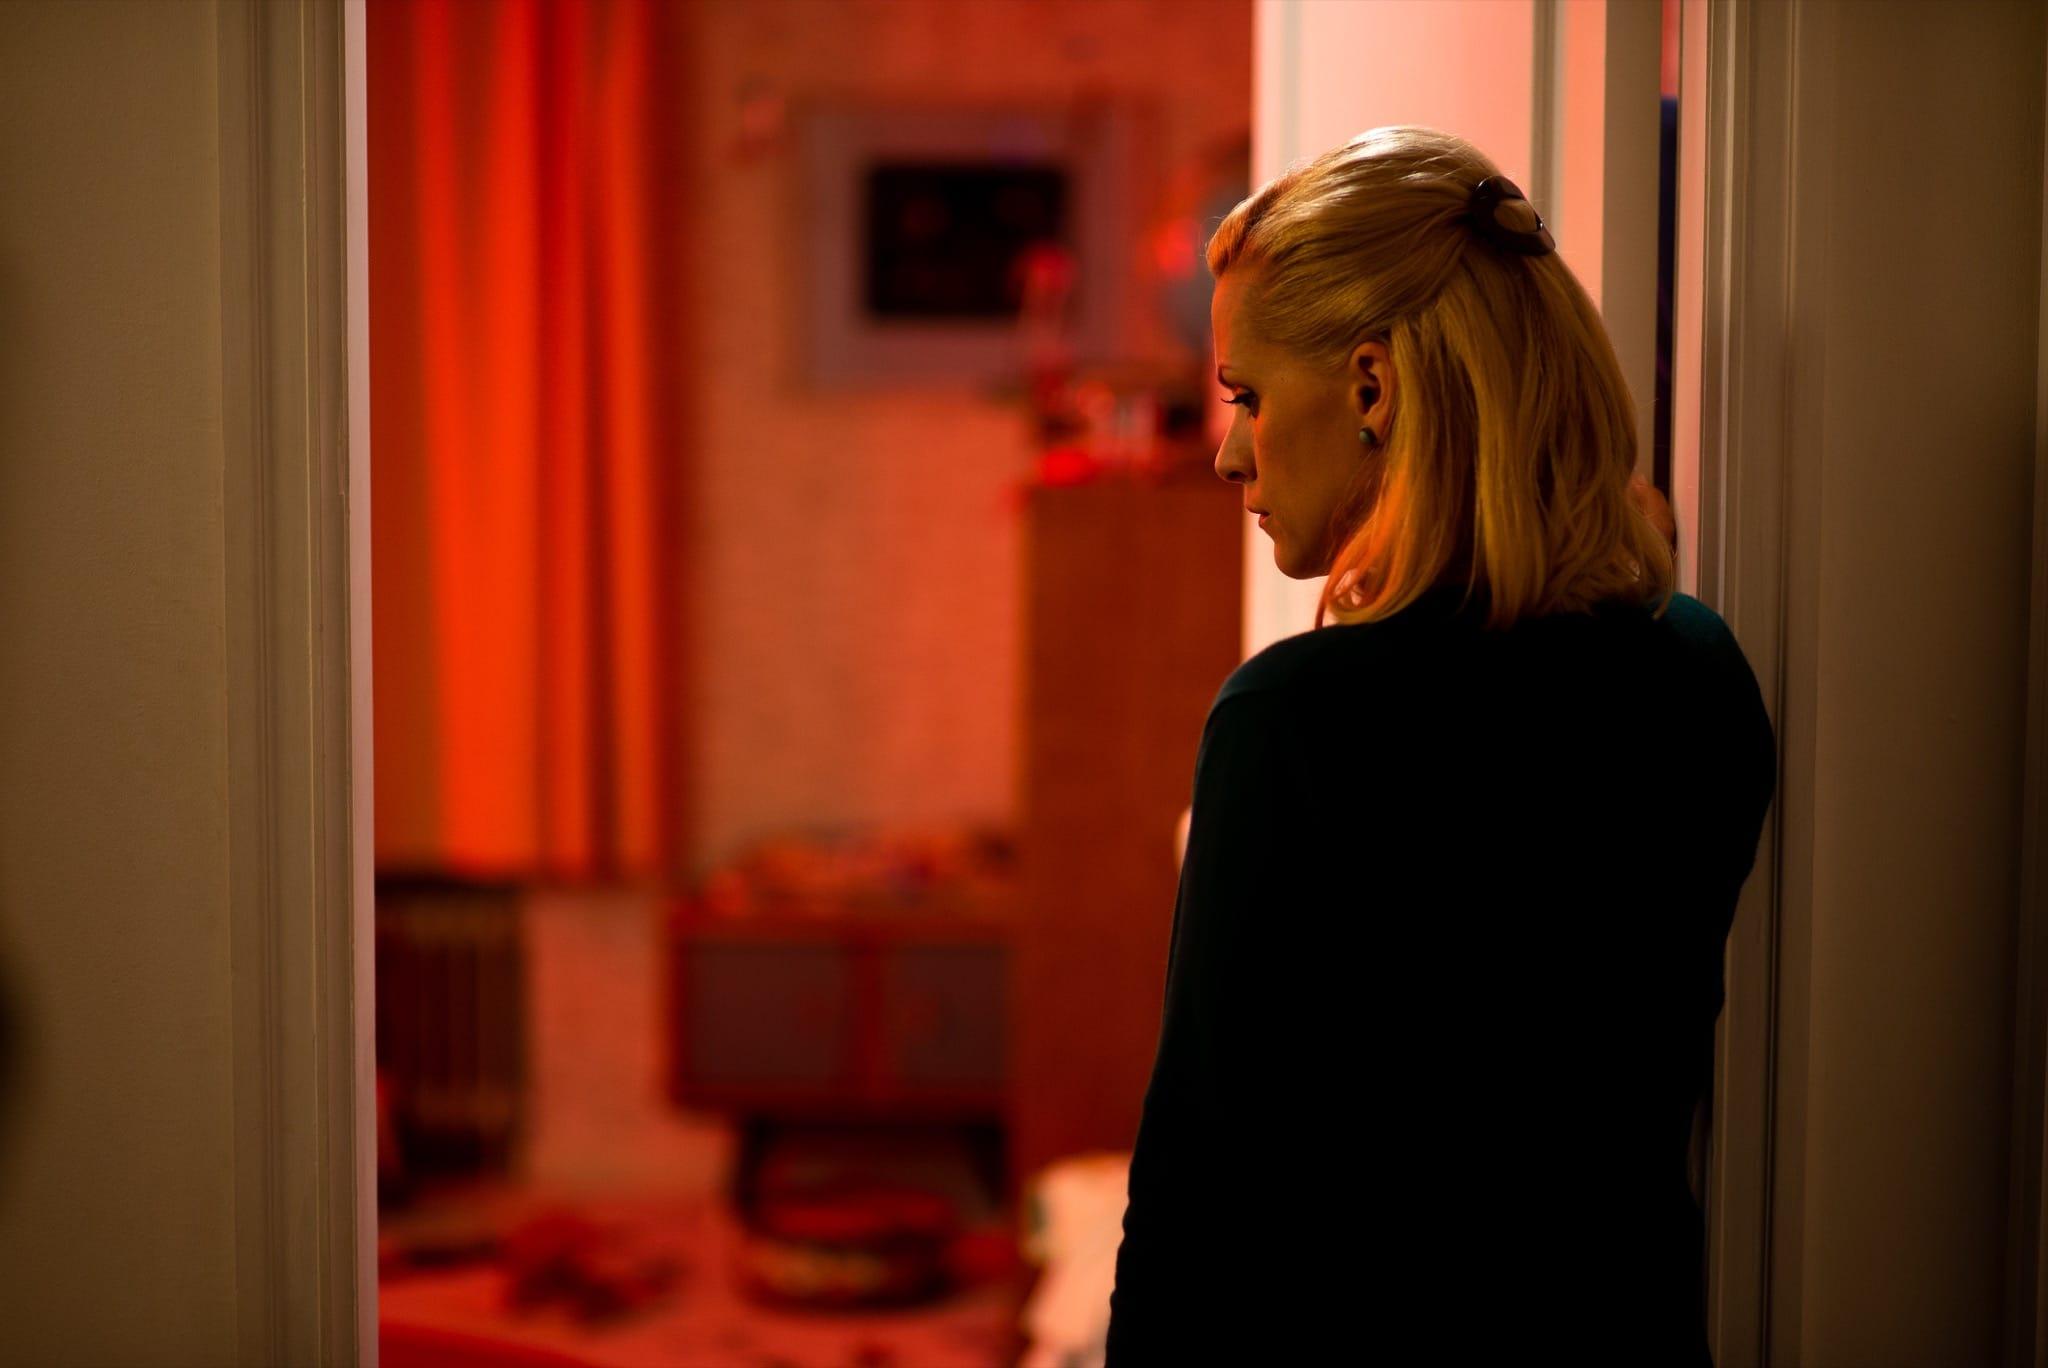 Duelles d'Olivier Masset-Depasse image film cinéma